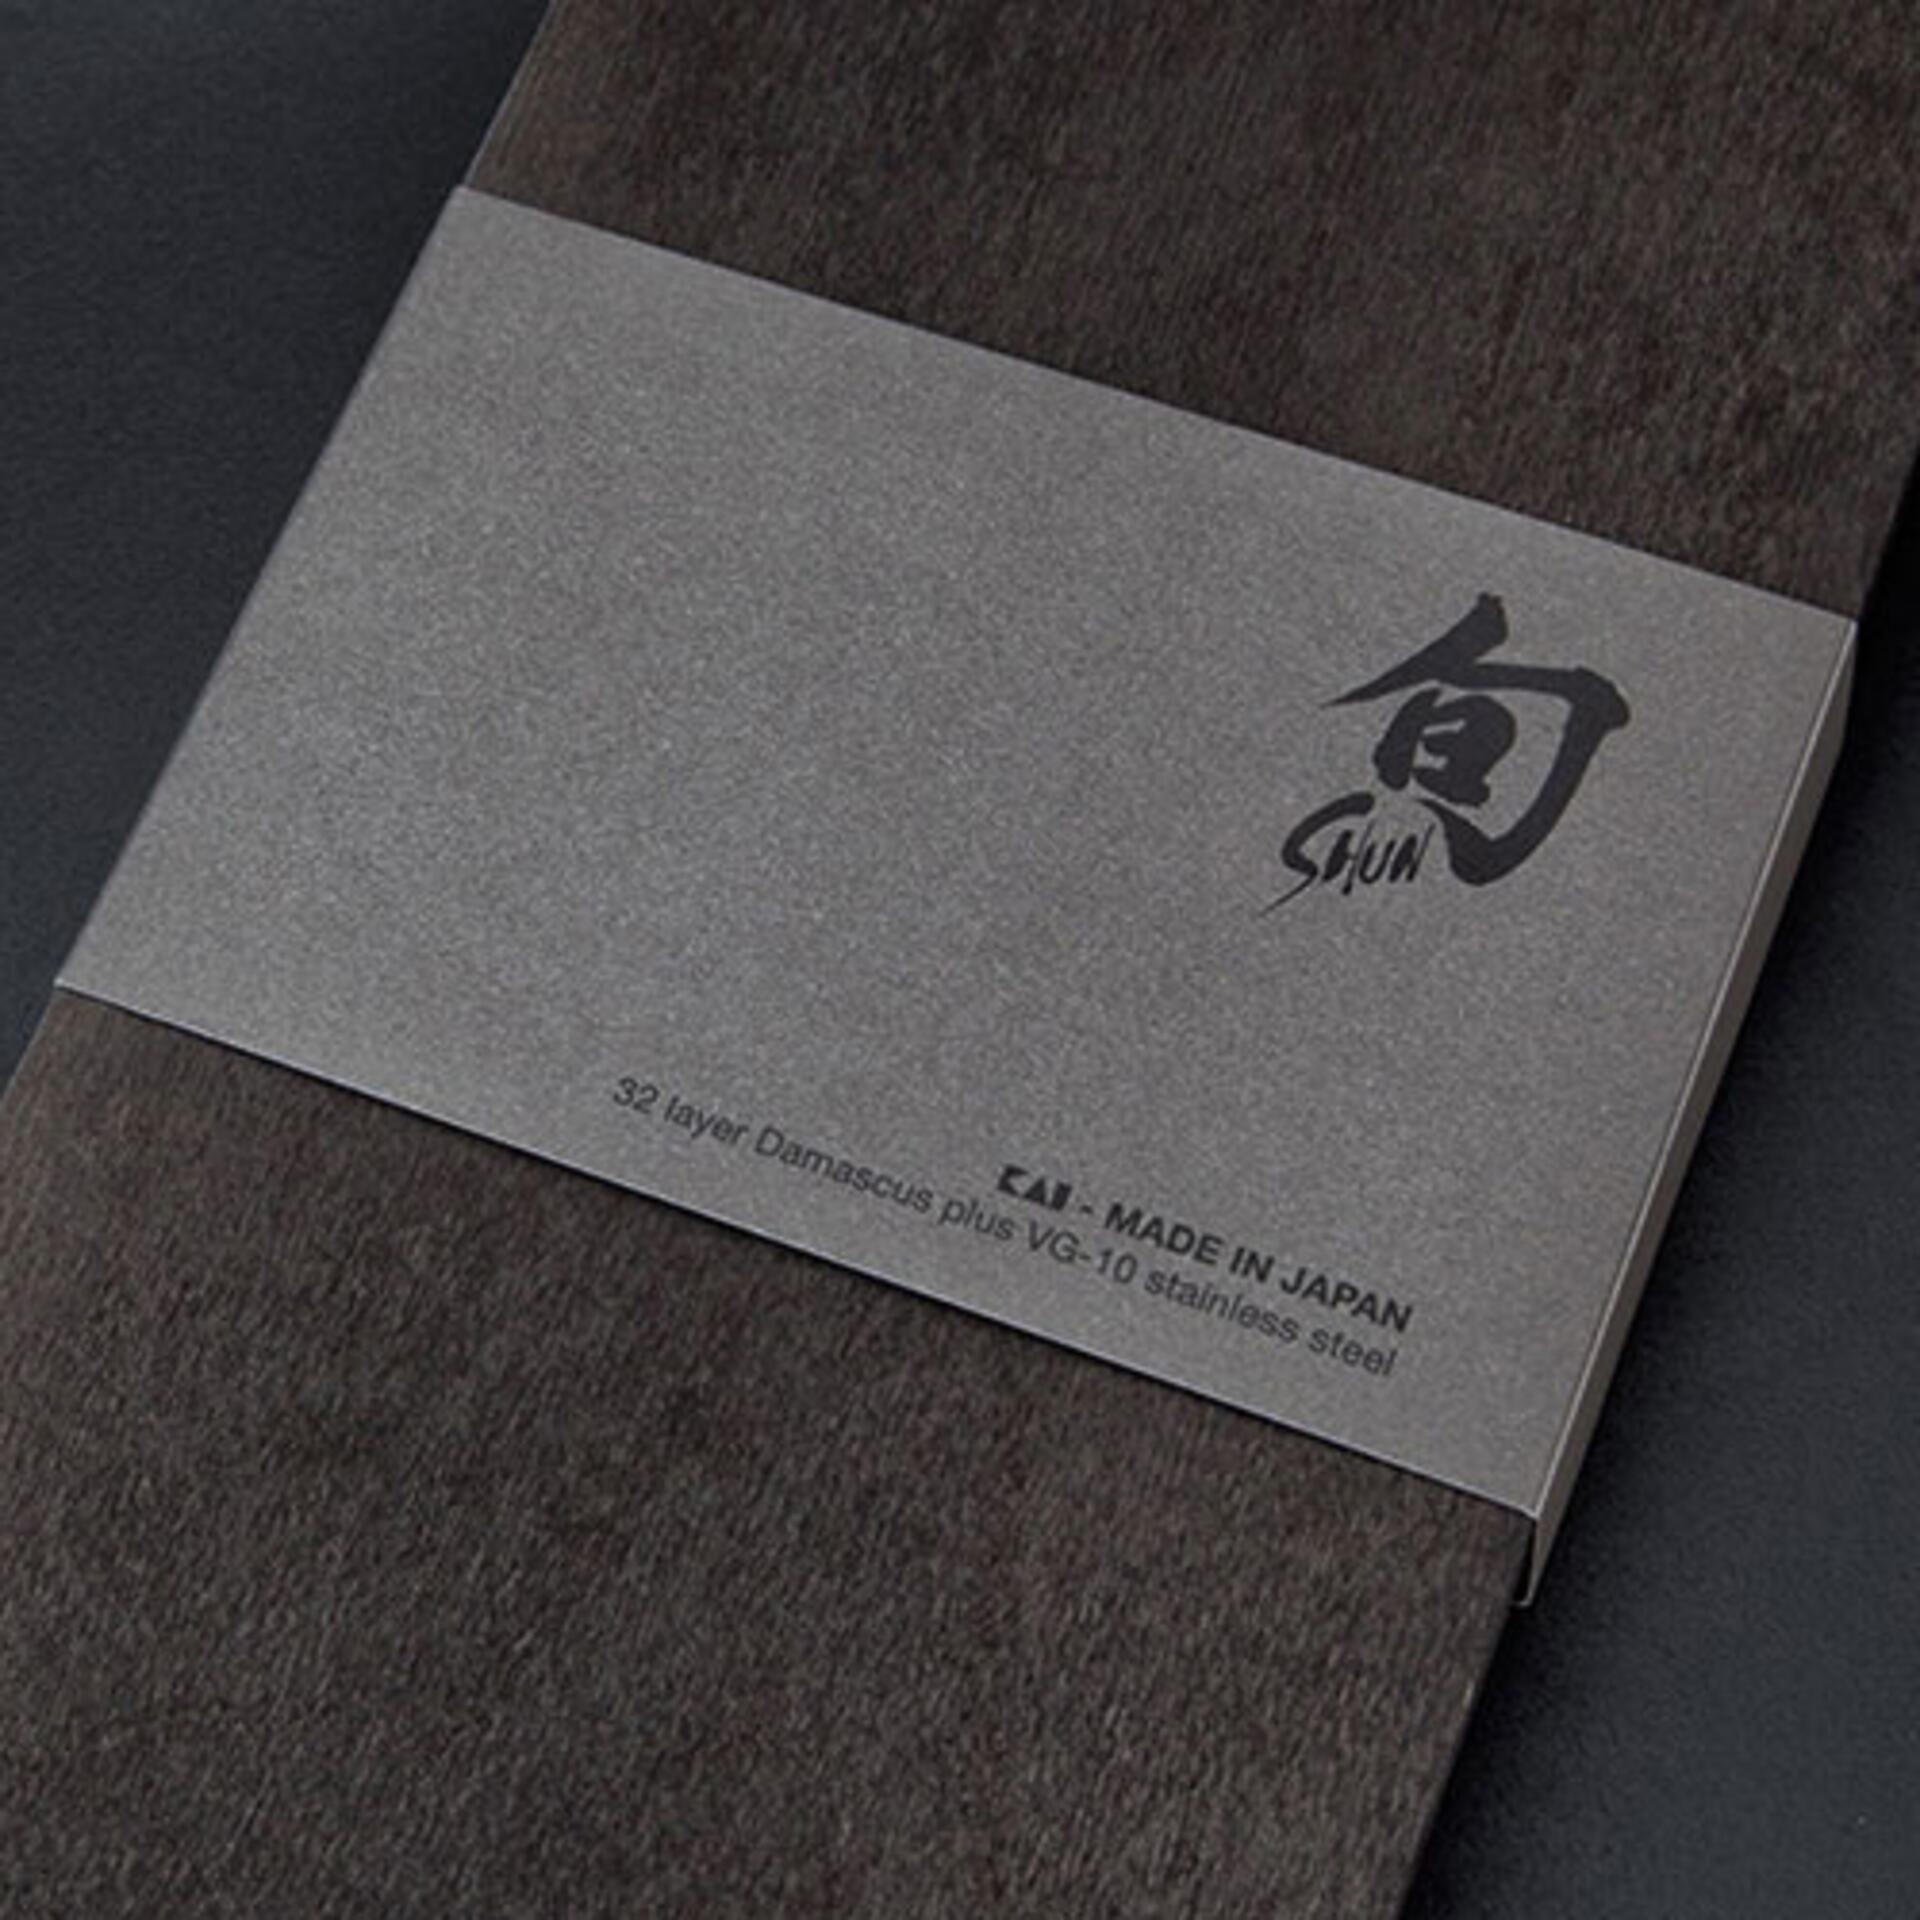 KAI Shun Classic Gemüsemesser DM-0714